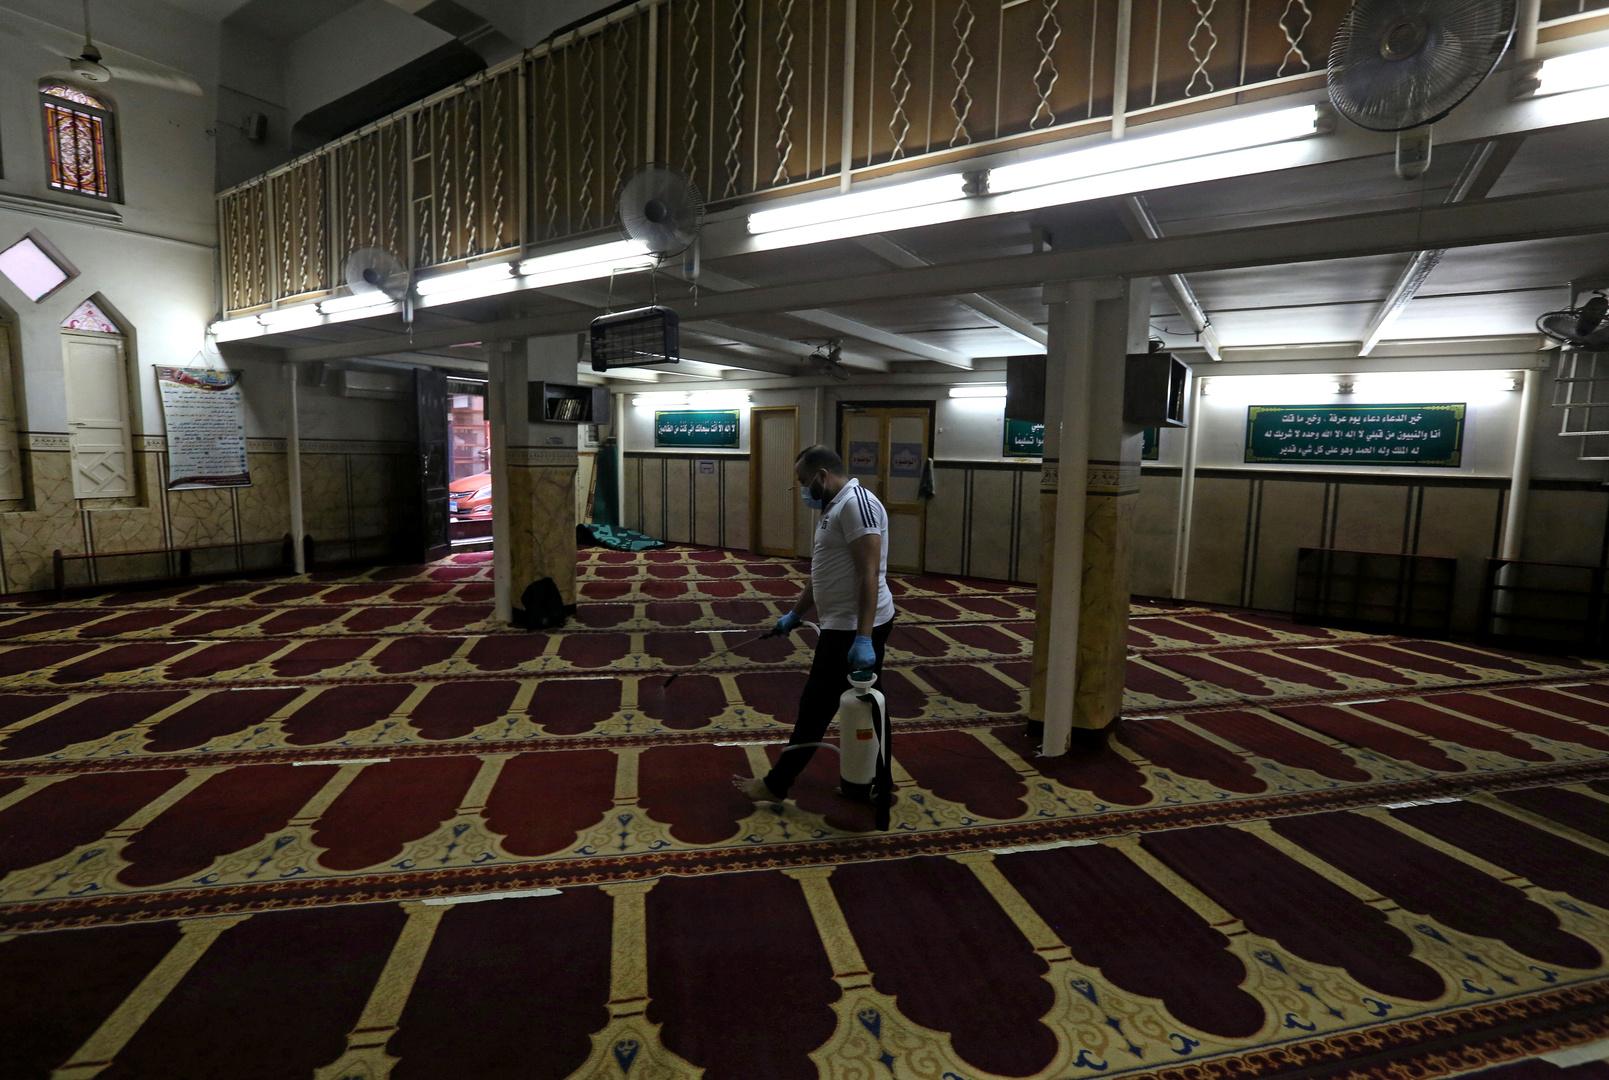 الأوقاف المصرية: المساجد تؤذن لصلاة الجمعة بأذان النوازل